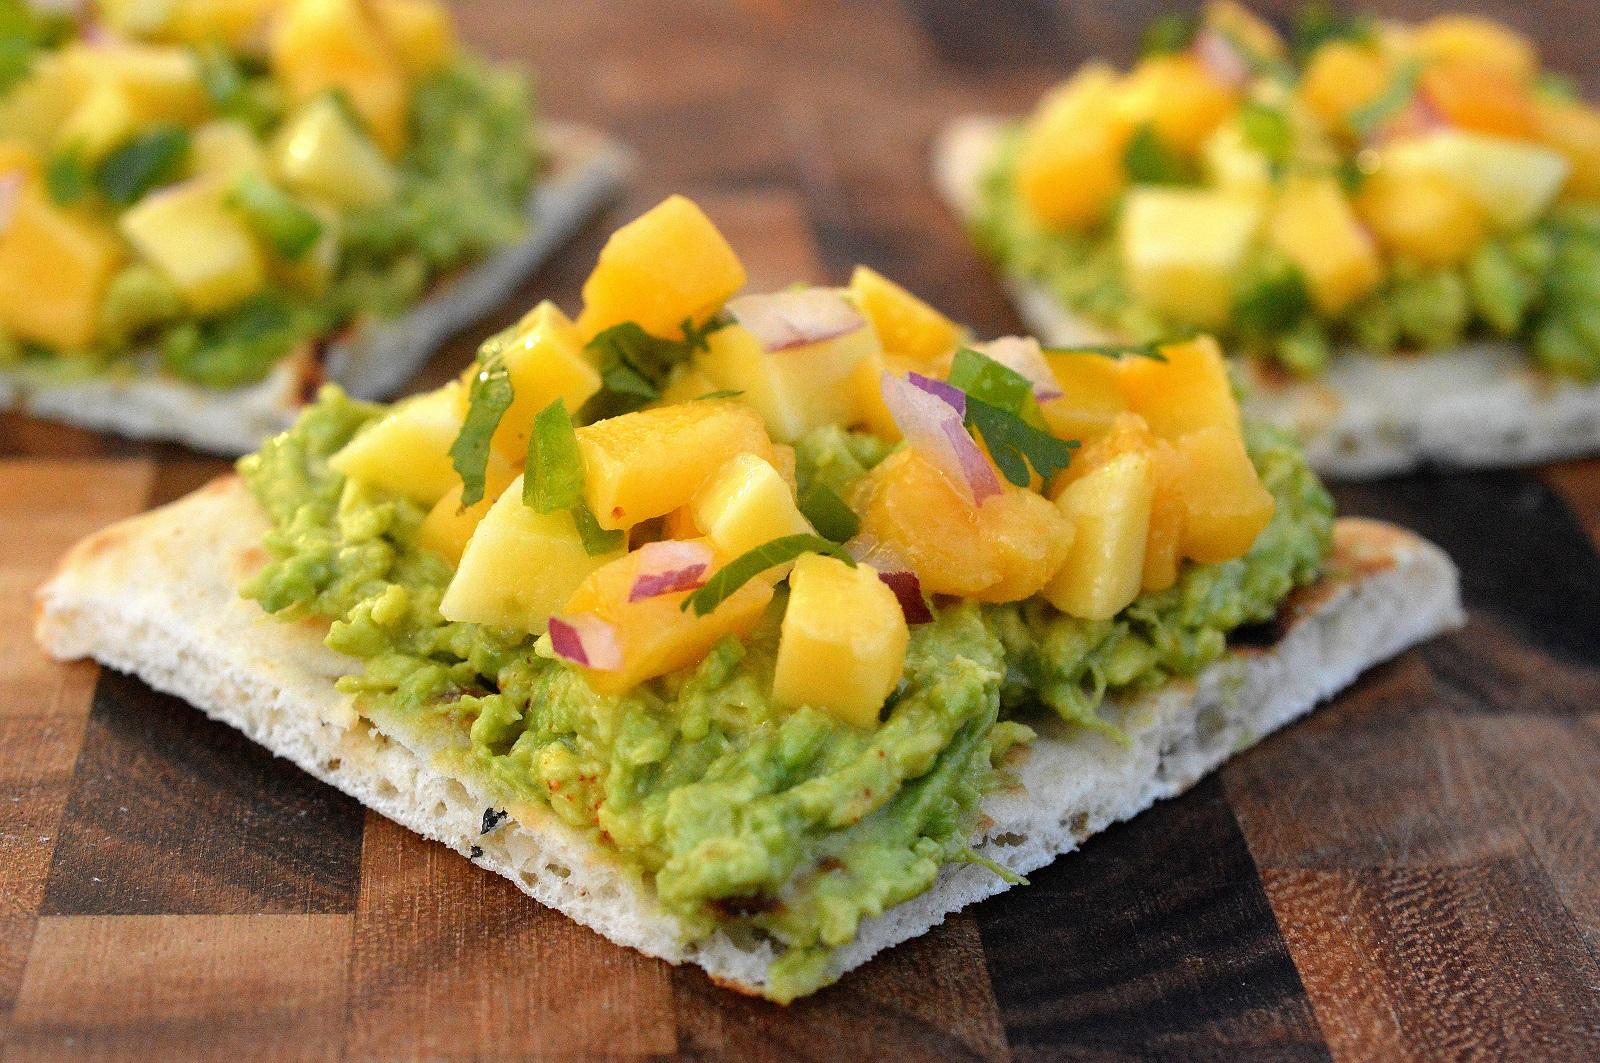 Avocado Mango Toast - Easy, healthy and delicious!